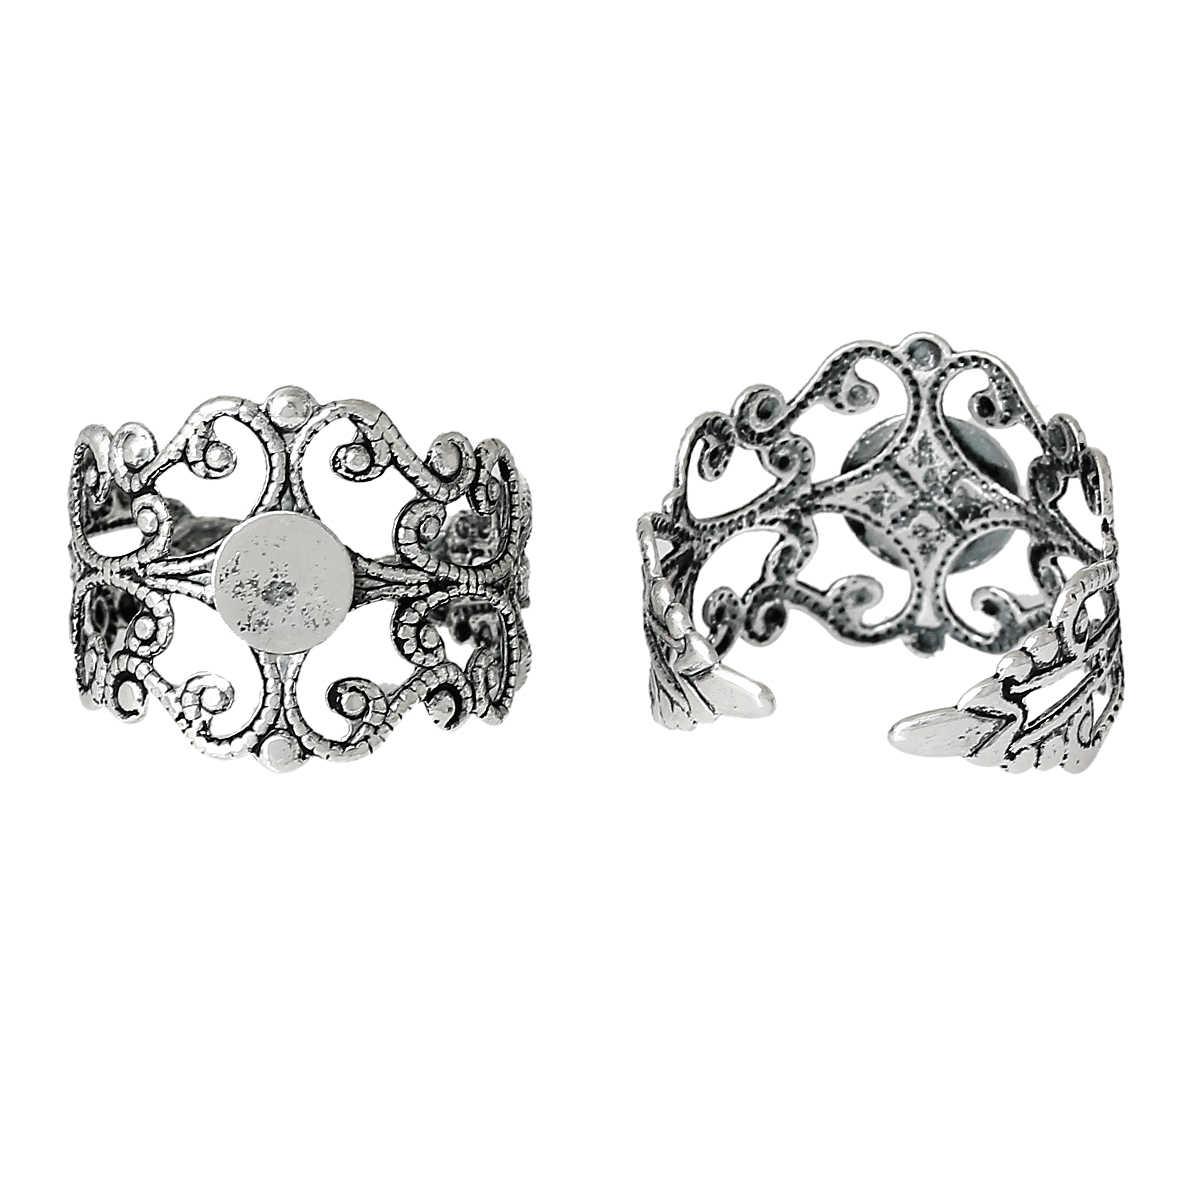 """ทองแดงแหวนดอกไม้เงินโบราณ Cabochon การตั้งค่า (6 มม.) 18.7 มม.(6/8 """") (US) 1 ชิ้น New"""